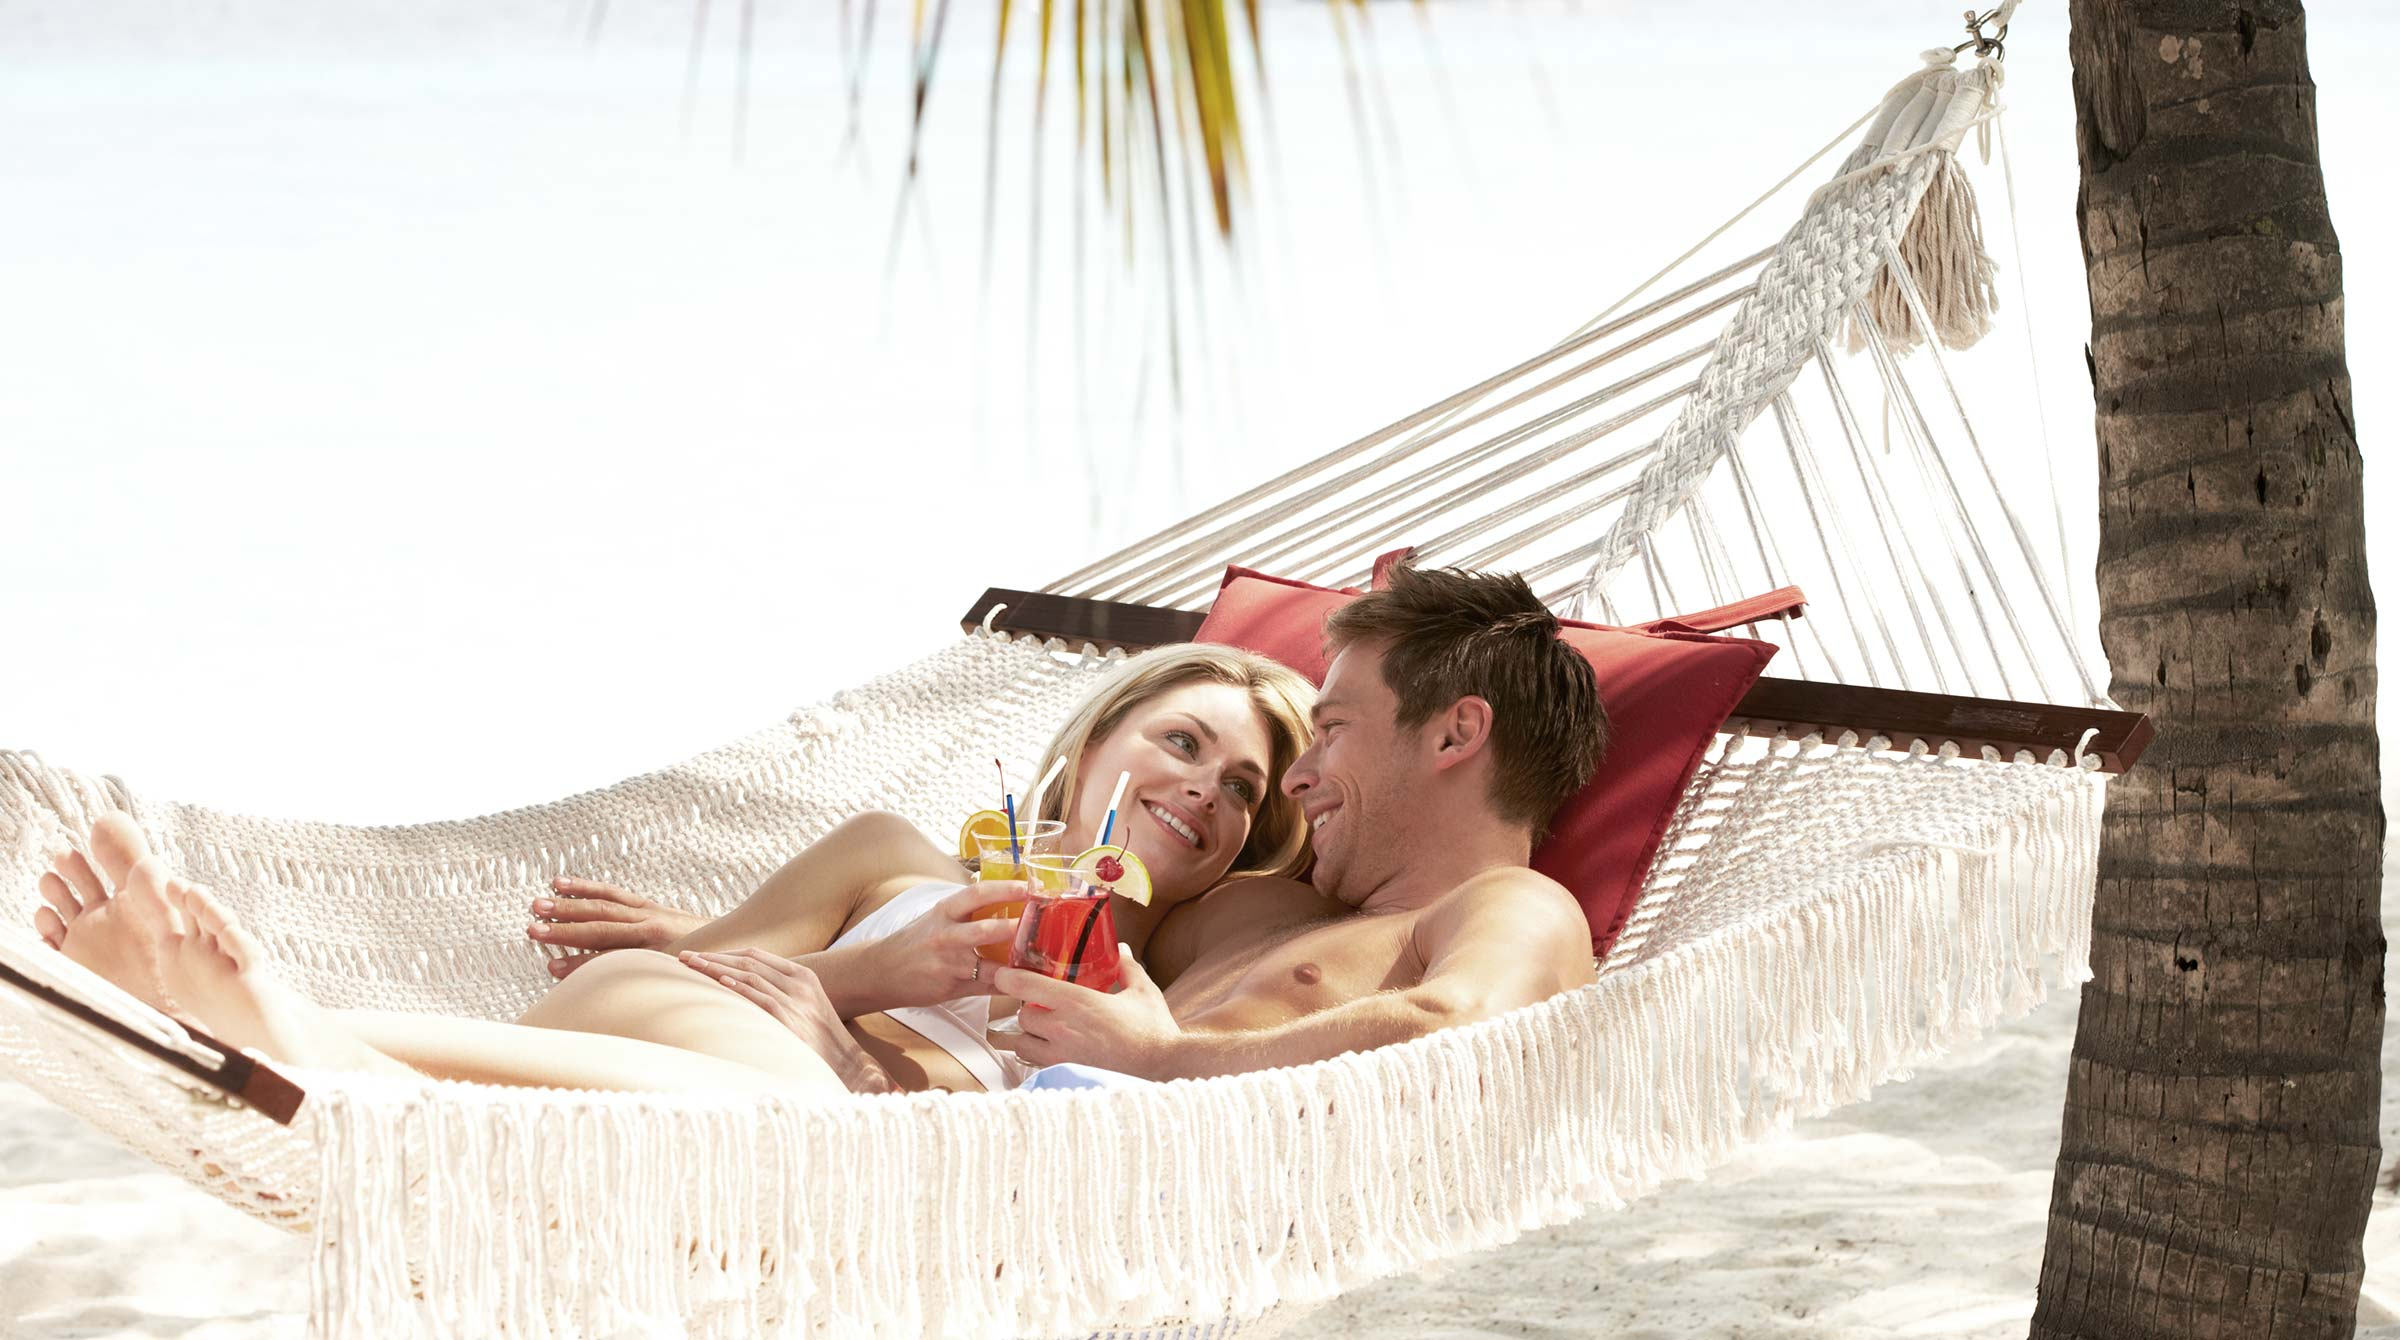 Mit der optimalen Auslandskrankenversicherung sorgenfrei in die Ferien fahren